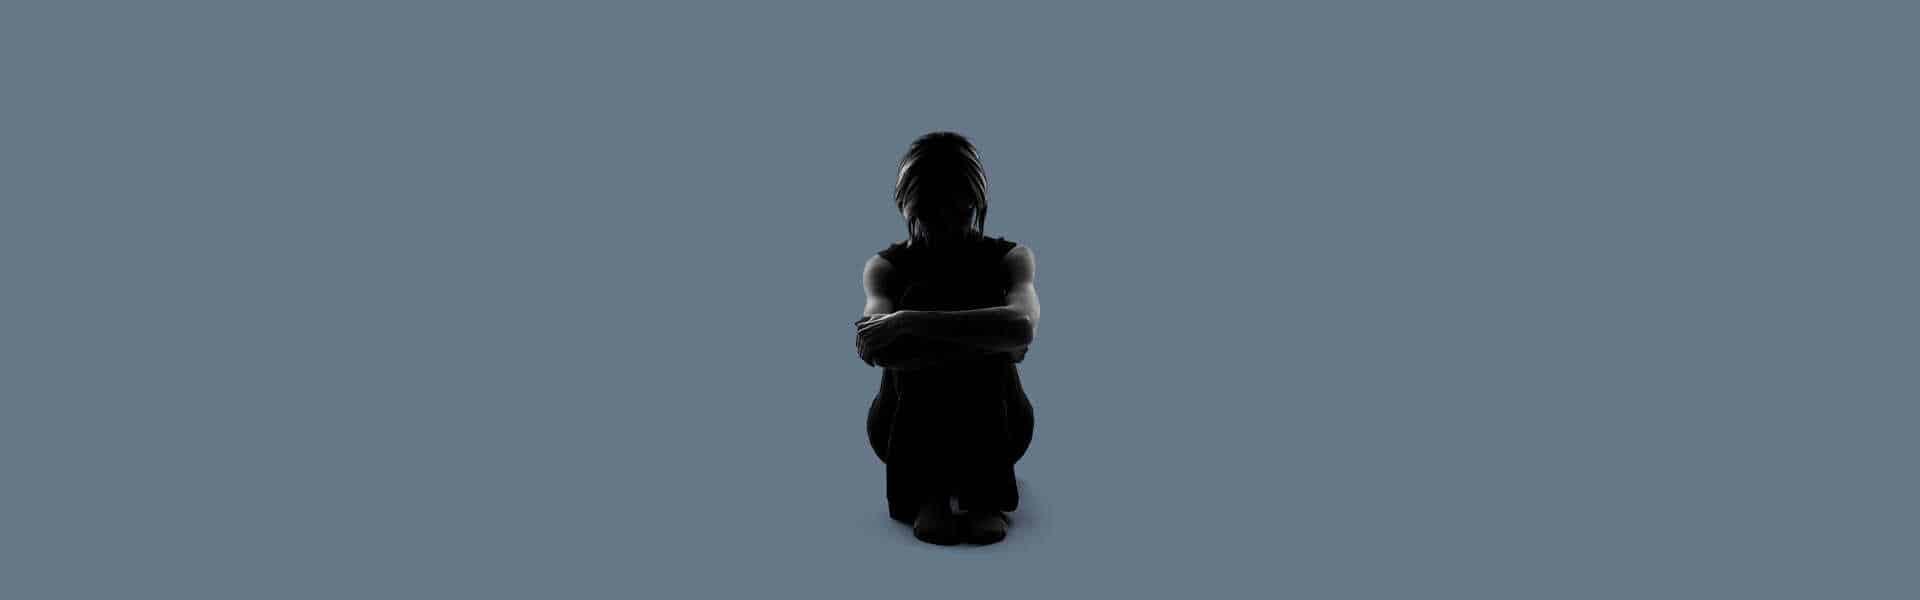 personlighedsforstyrrelse